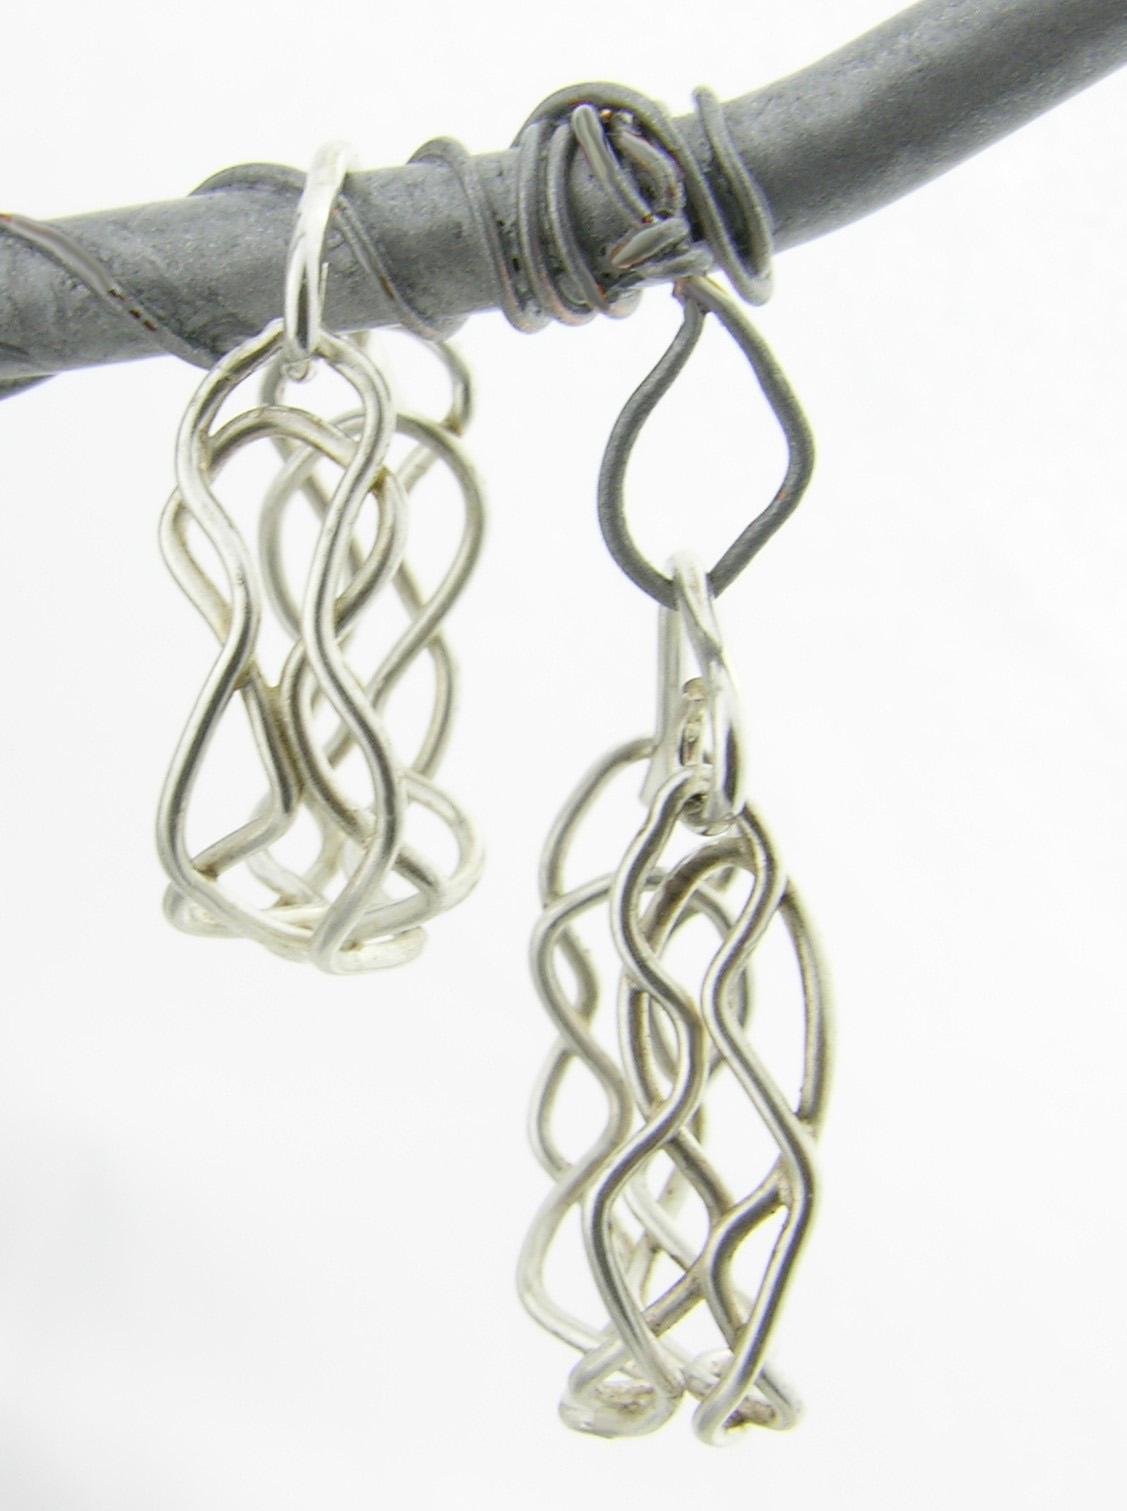 Mish Mesh Hooplets Earrings - fused sterling silver filigree handmade artisan